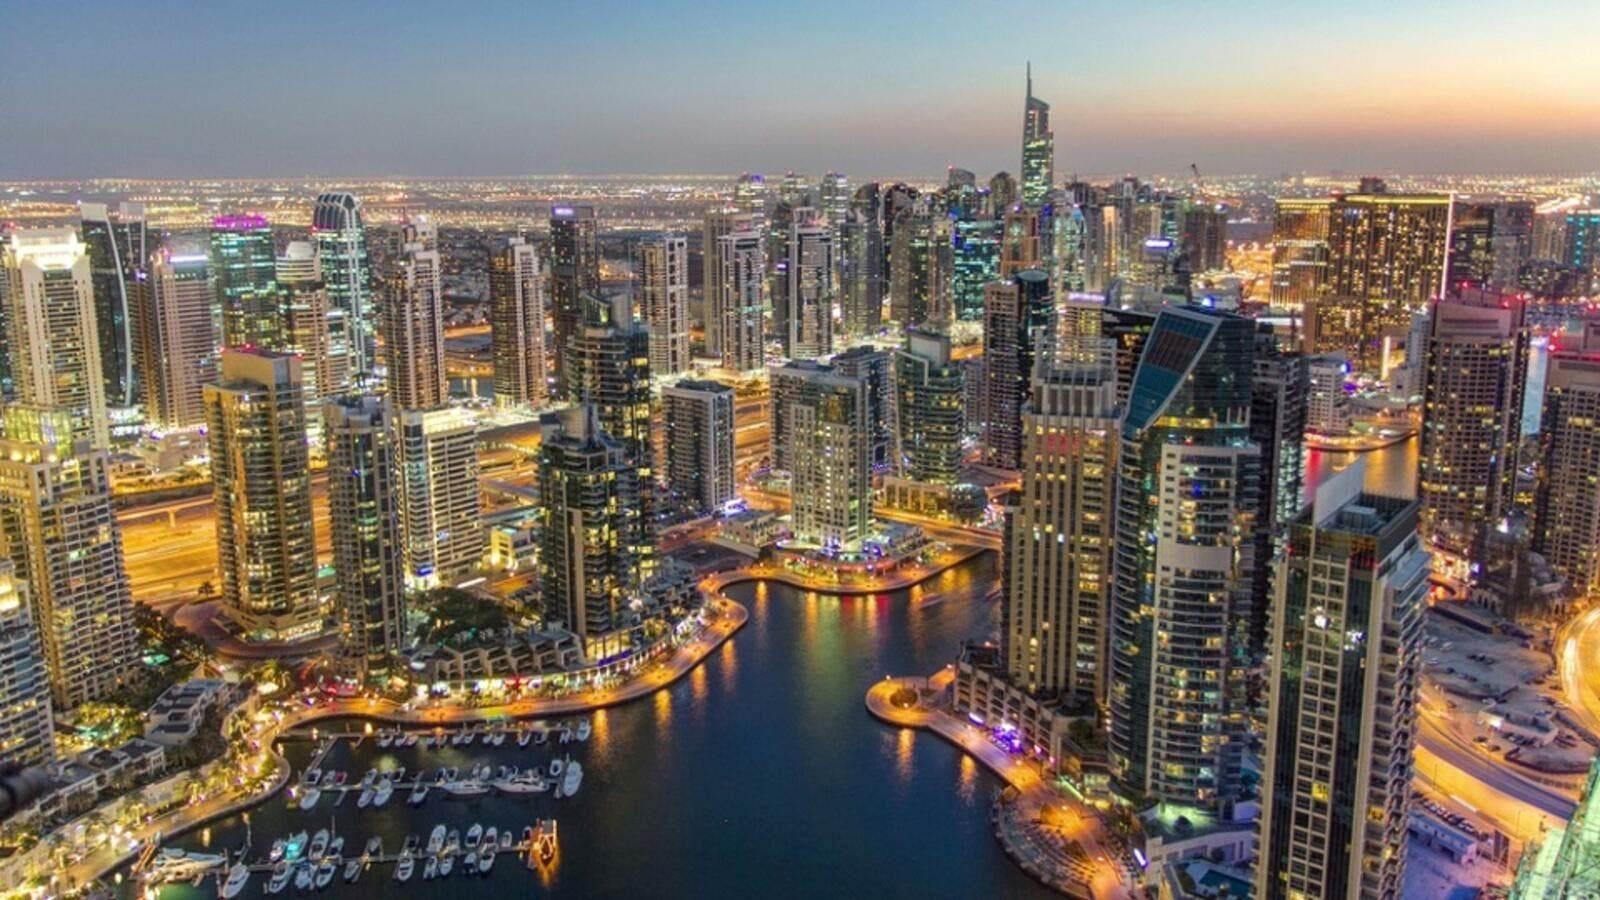 فيروس كورونا يتسبب بأضرار جسيمة للاقتصاد الإماراتي